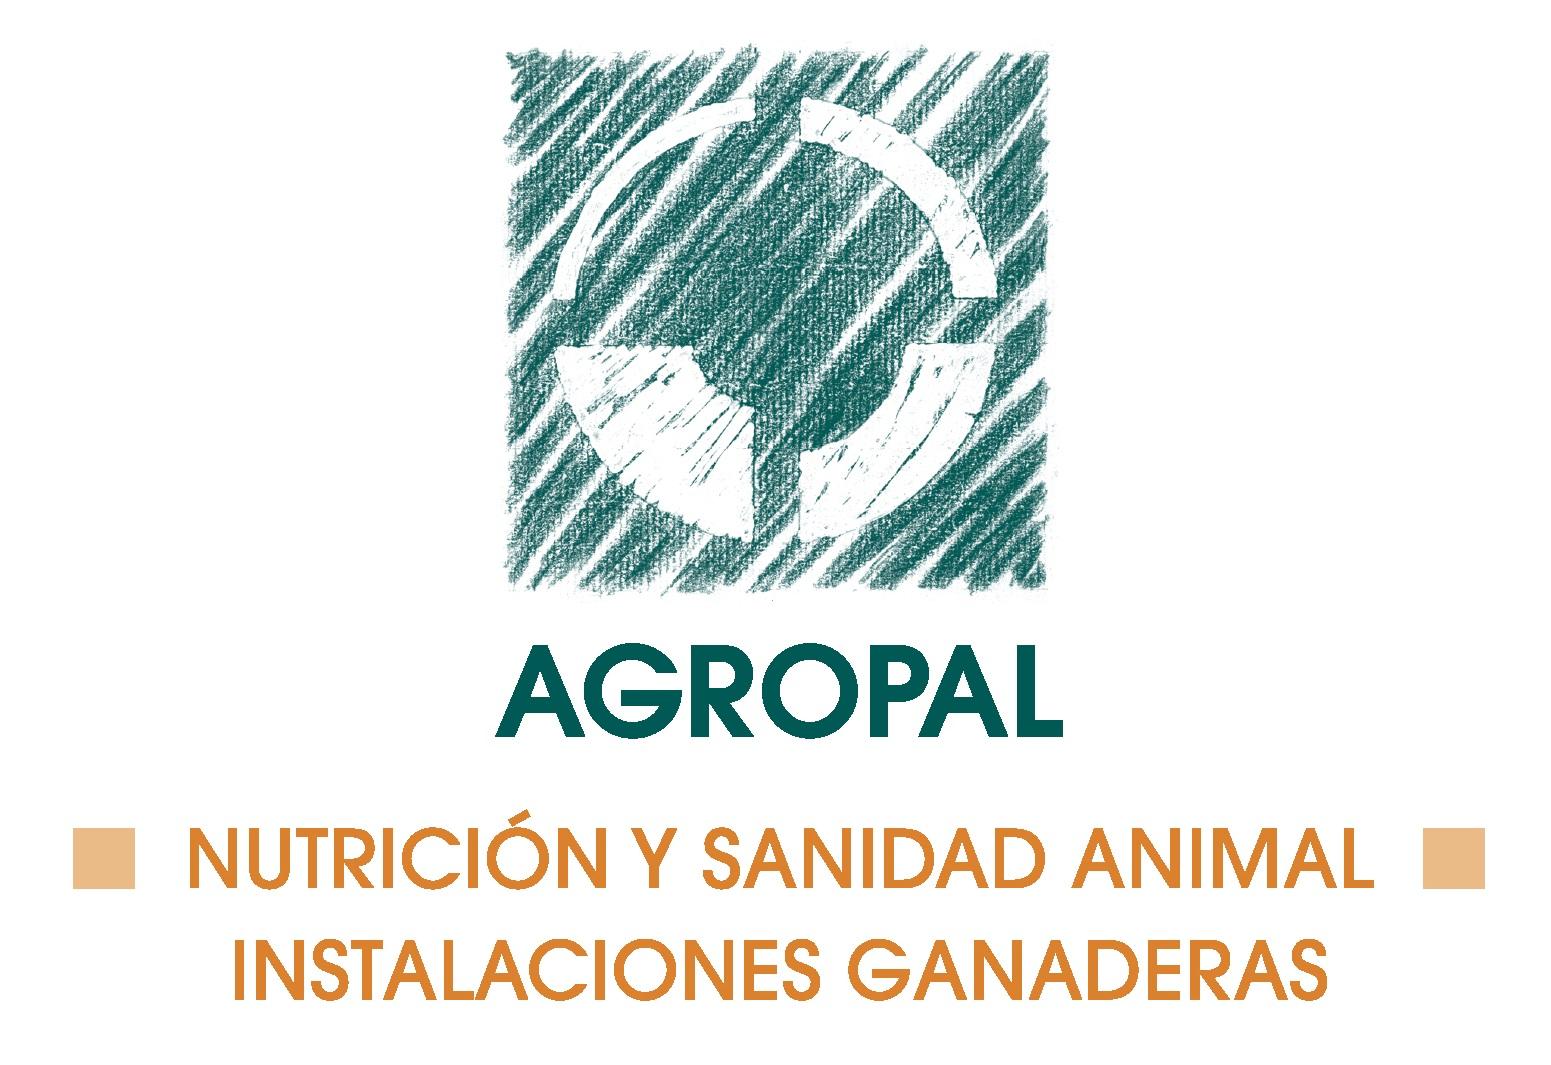 agropal_adea